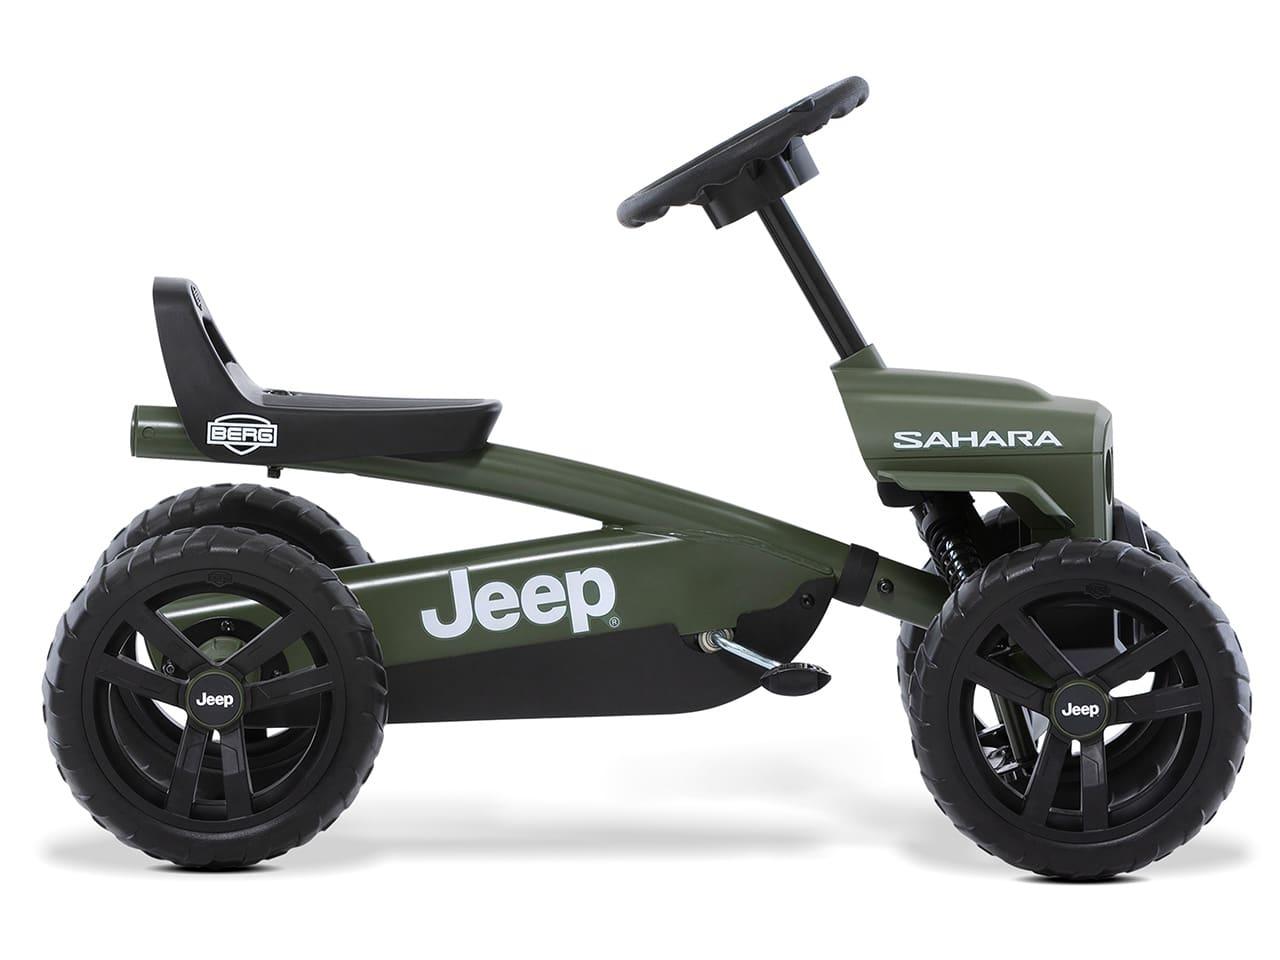 Ratgeber: Das BERG Jeep Buzzy Sahara Pedal-Gokart für Kinder ab 2 Jahren, Das Magazin bietet Gokart-Fahrspaß für jedes Alter.